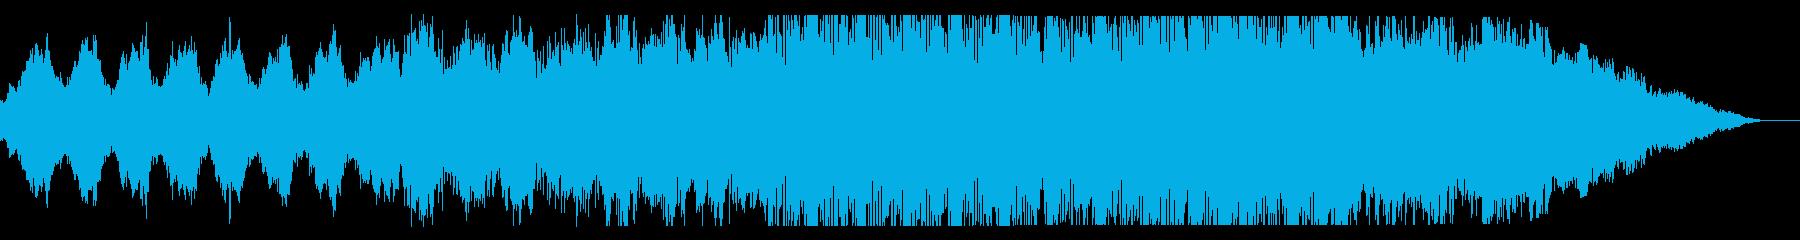 もの悲しさのある落ち着いた雰囲気のBGMの再生済みの波形